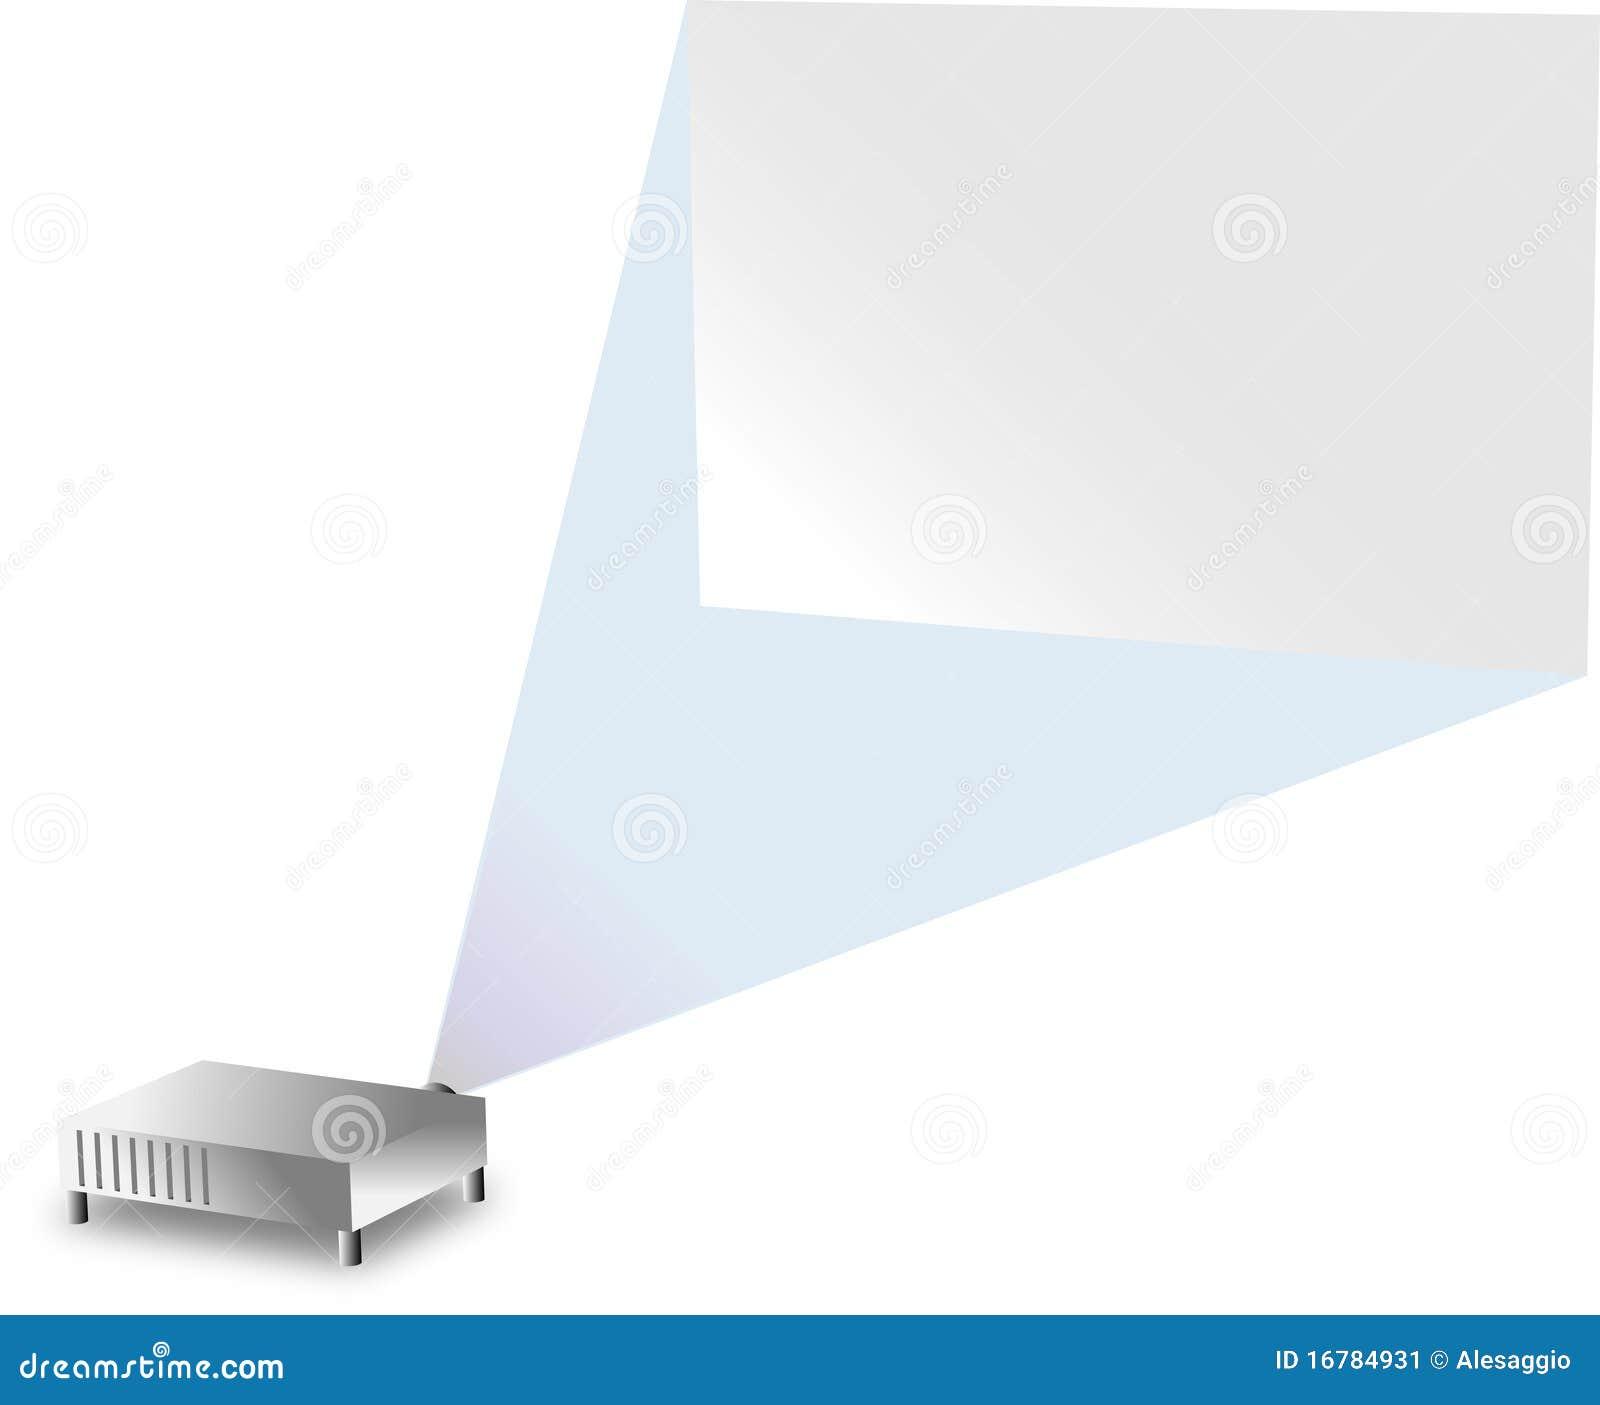 Projectie Op De Muur Stock Afbeelding - Afbeelding: 16784931